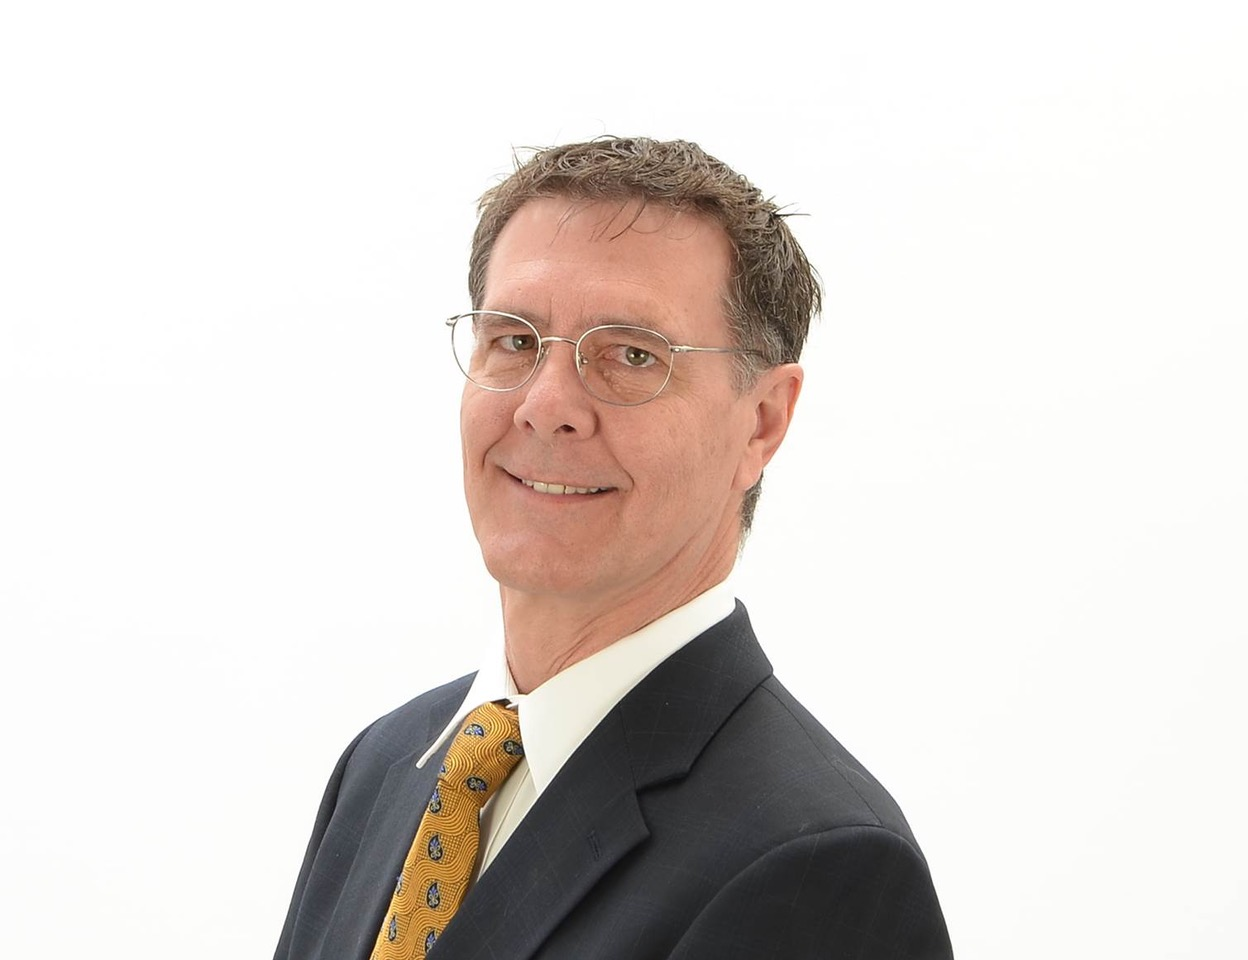 Scott Denning, exclusive expert witness